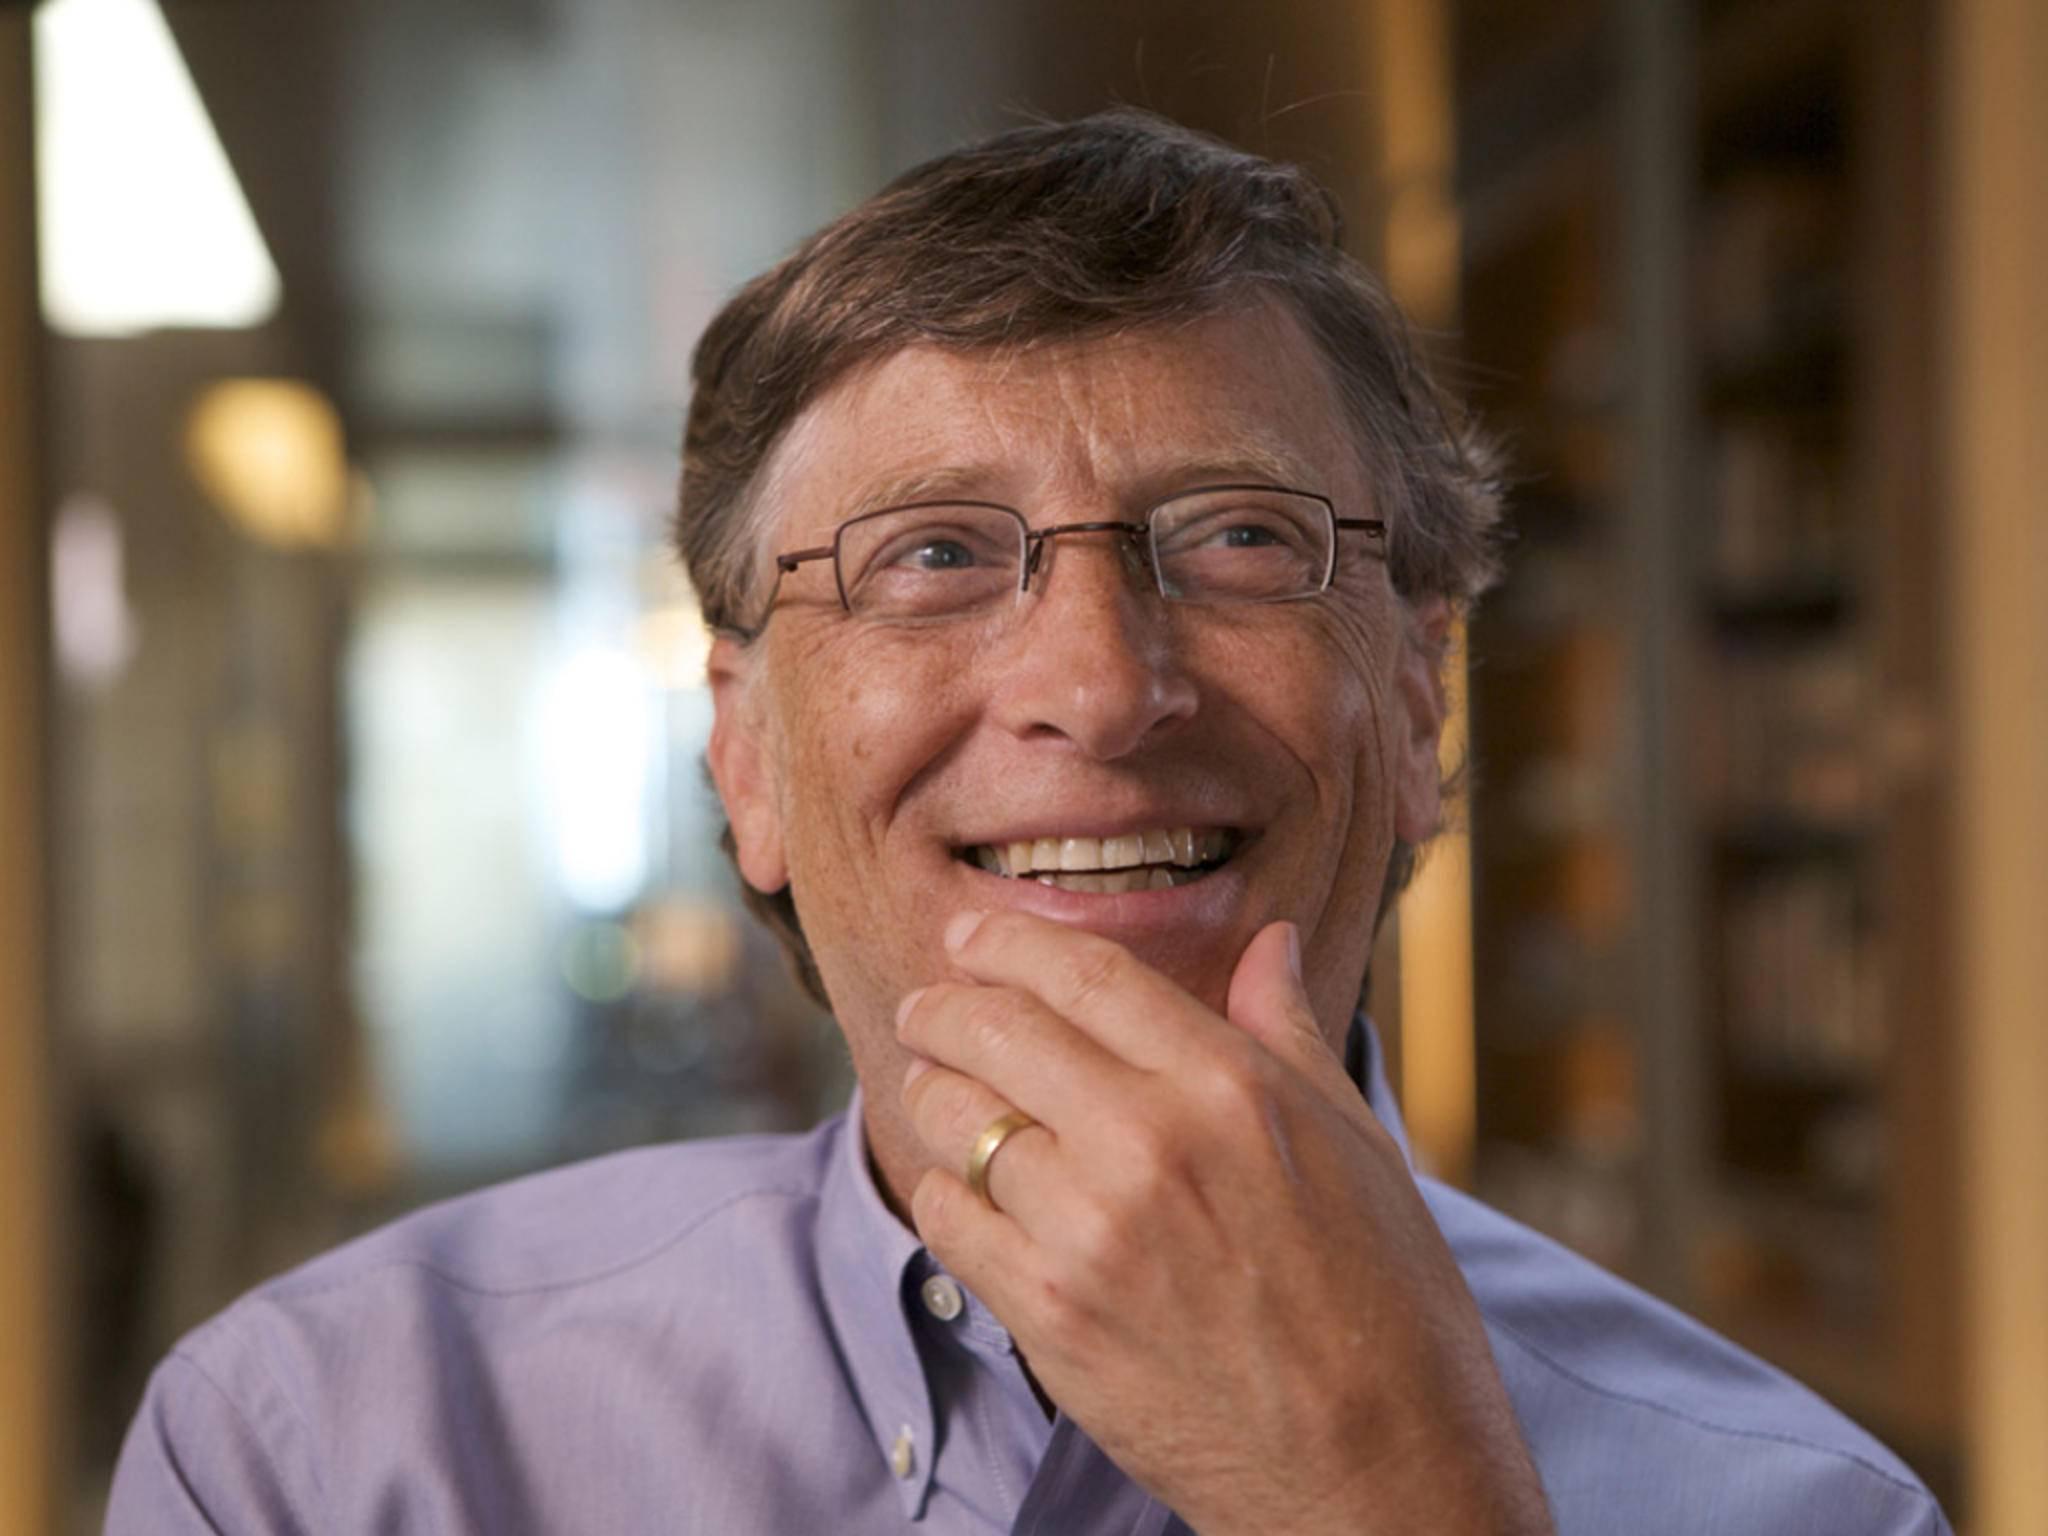 Bill Gates feiert seinen 60. Geburtstag.